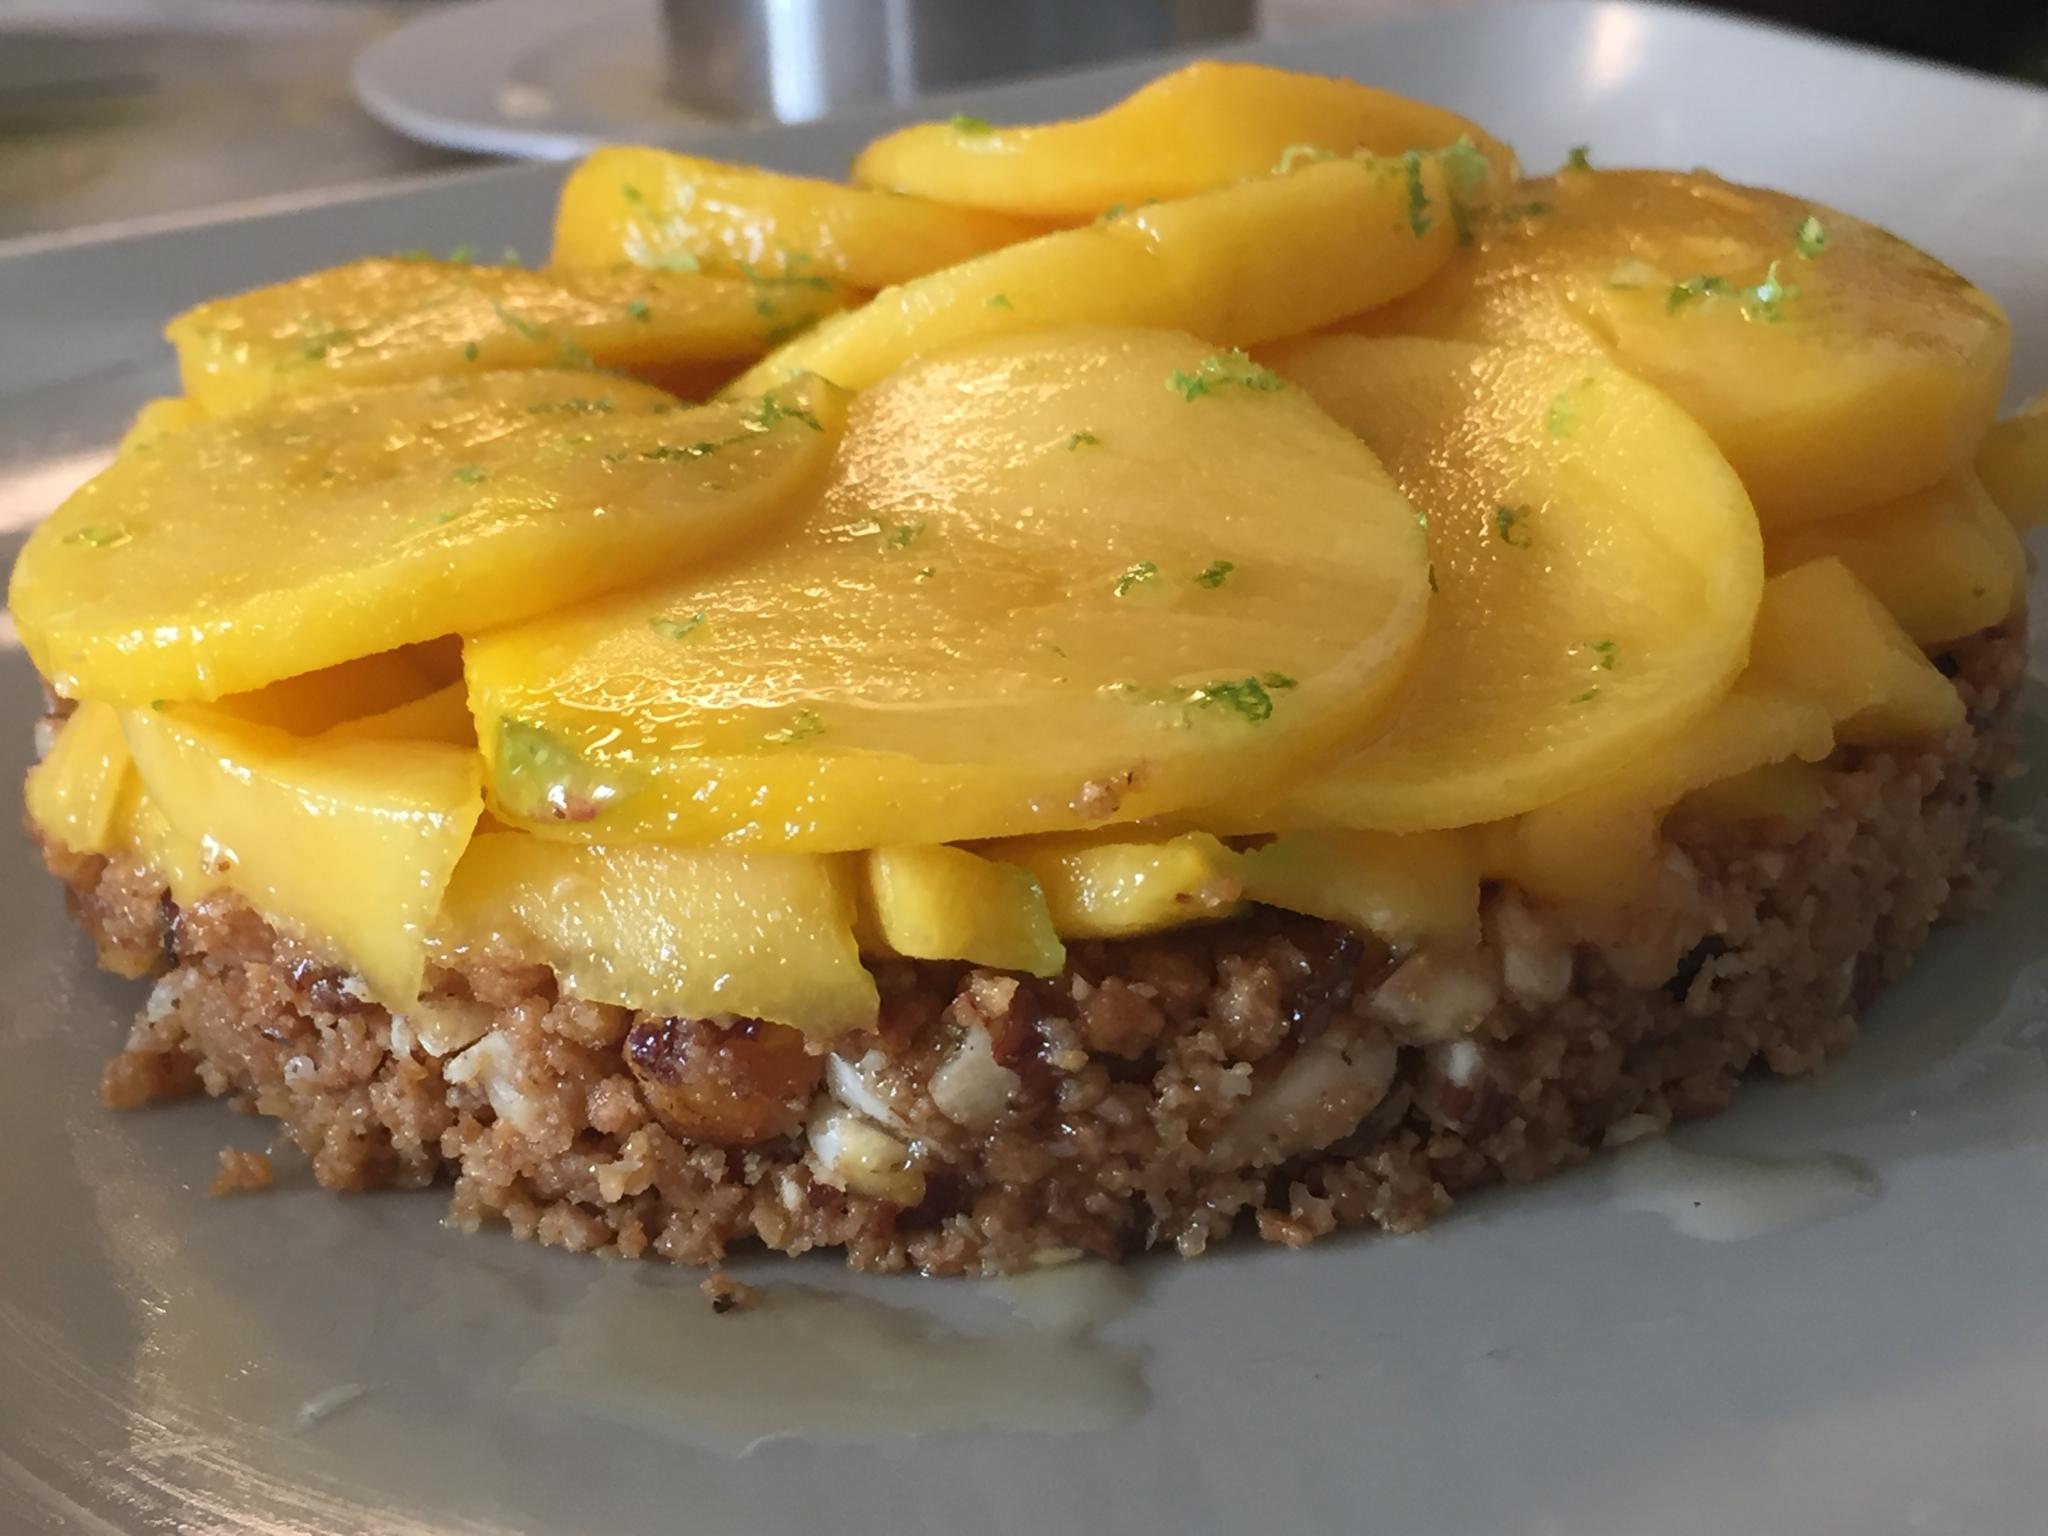 Tarte aux mangues d'après une recette de Cyril Lignac adaptée sans gluten